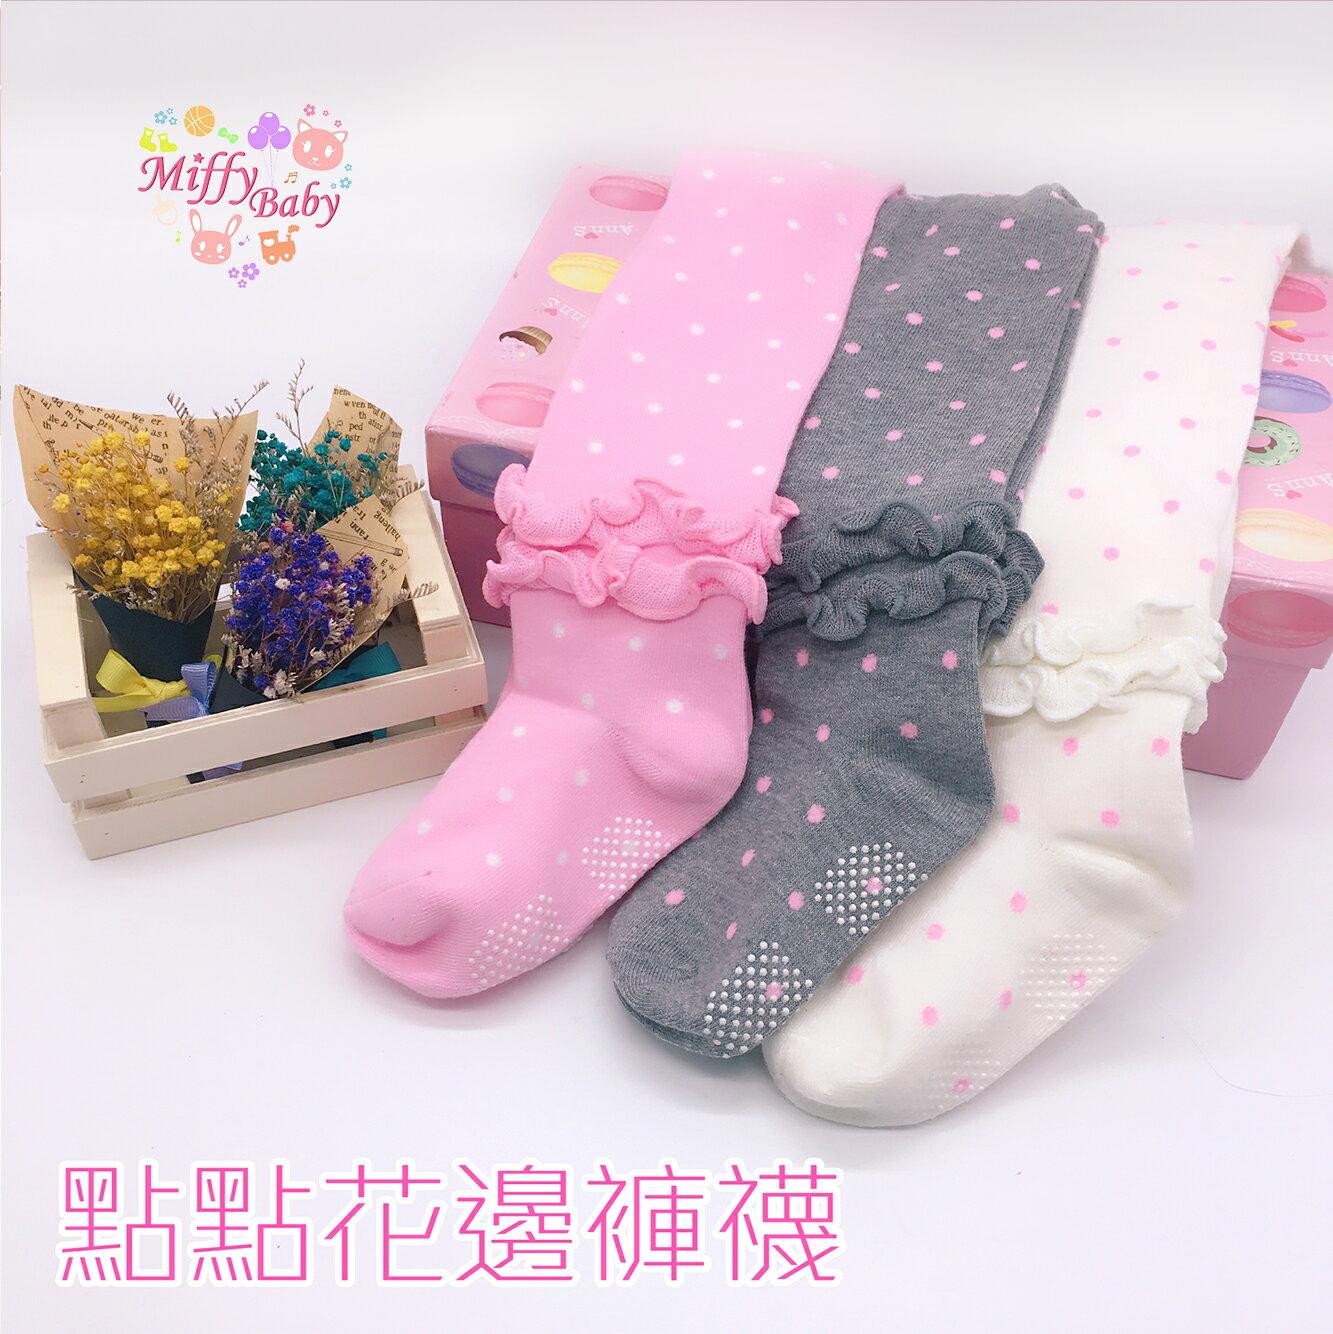 ❤️女娃 單品❤️點點花邊保暖加厚內搭褲襪 女寶寶 嬰兒褲襪 兒童褲襪 褲襪 寶寶襪~mi